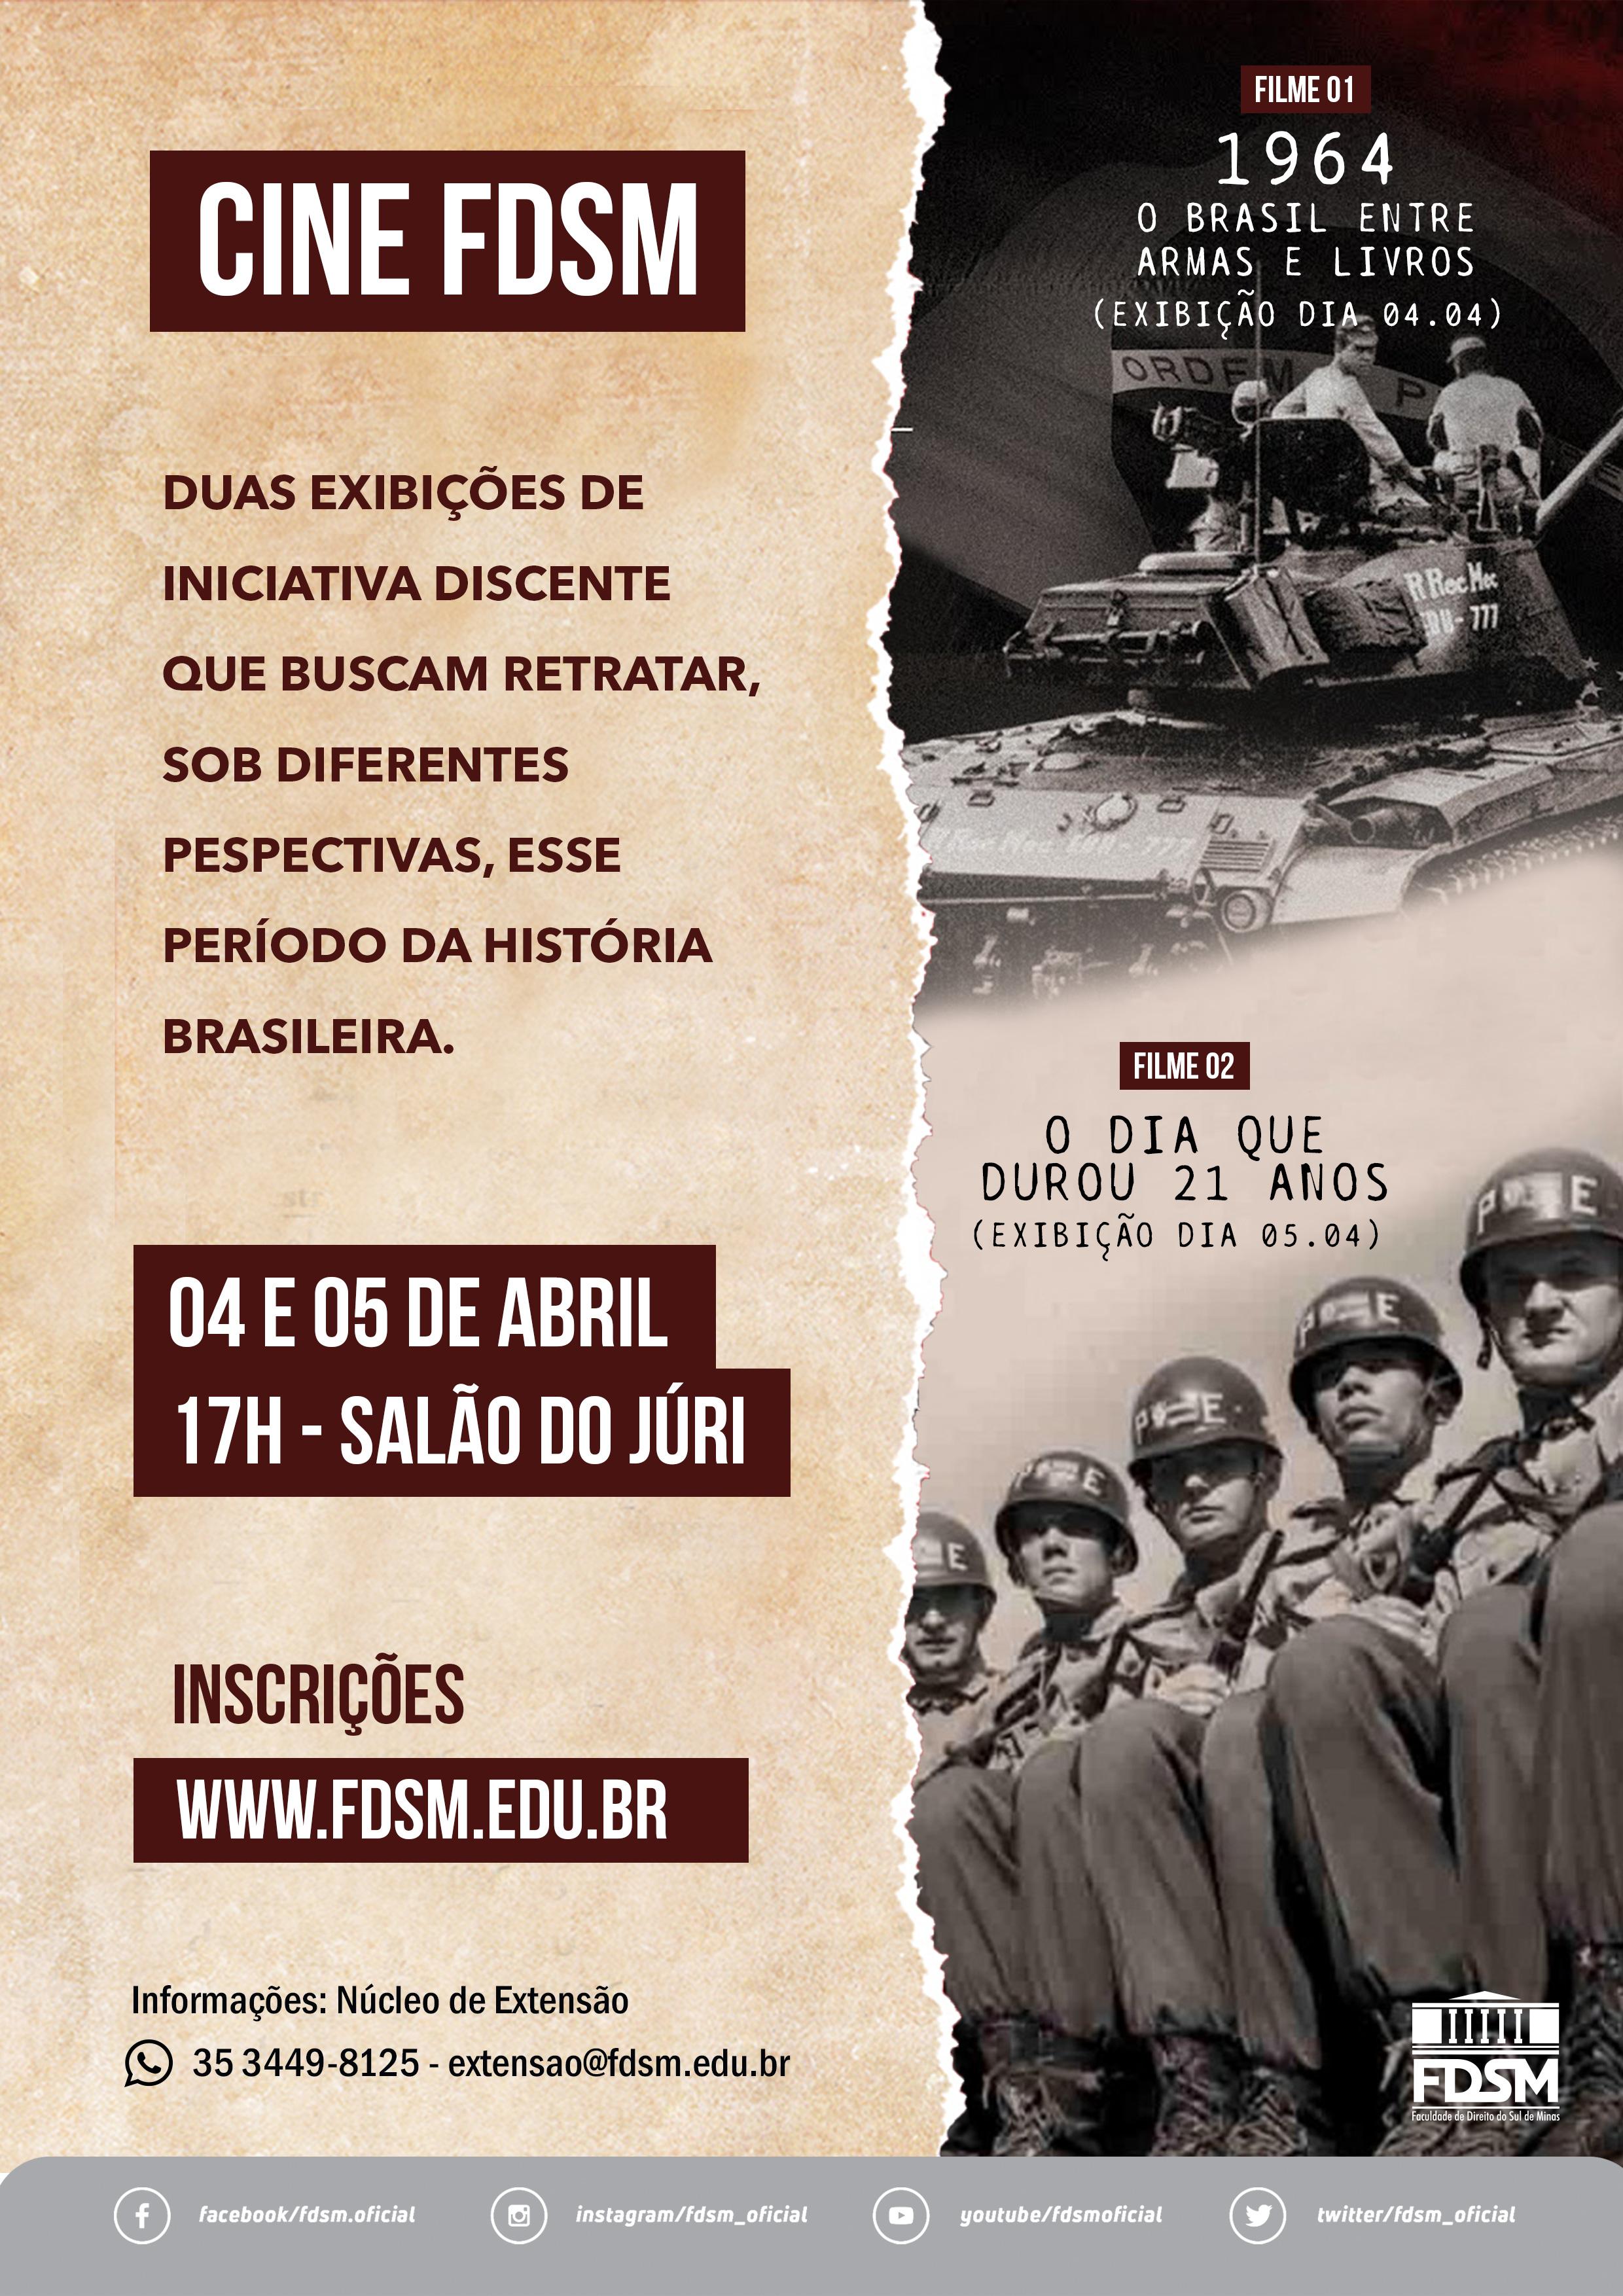 Cód 454: Cine FDSM: O Dia que durou 21 anos